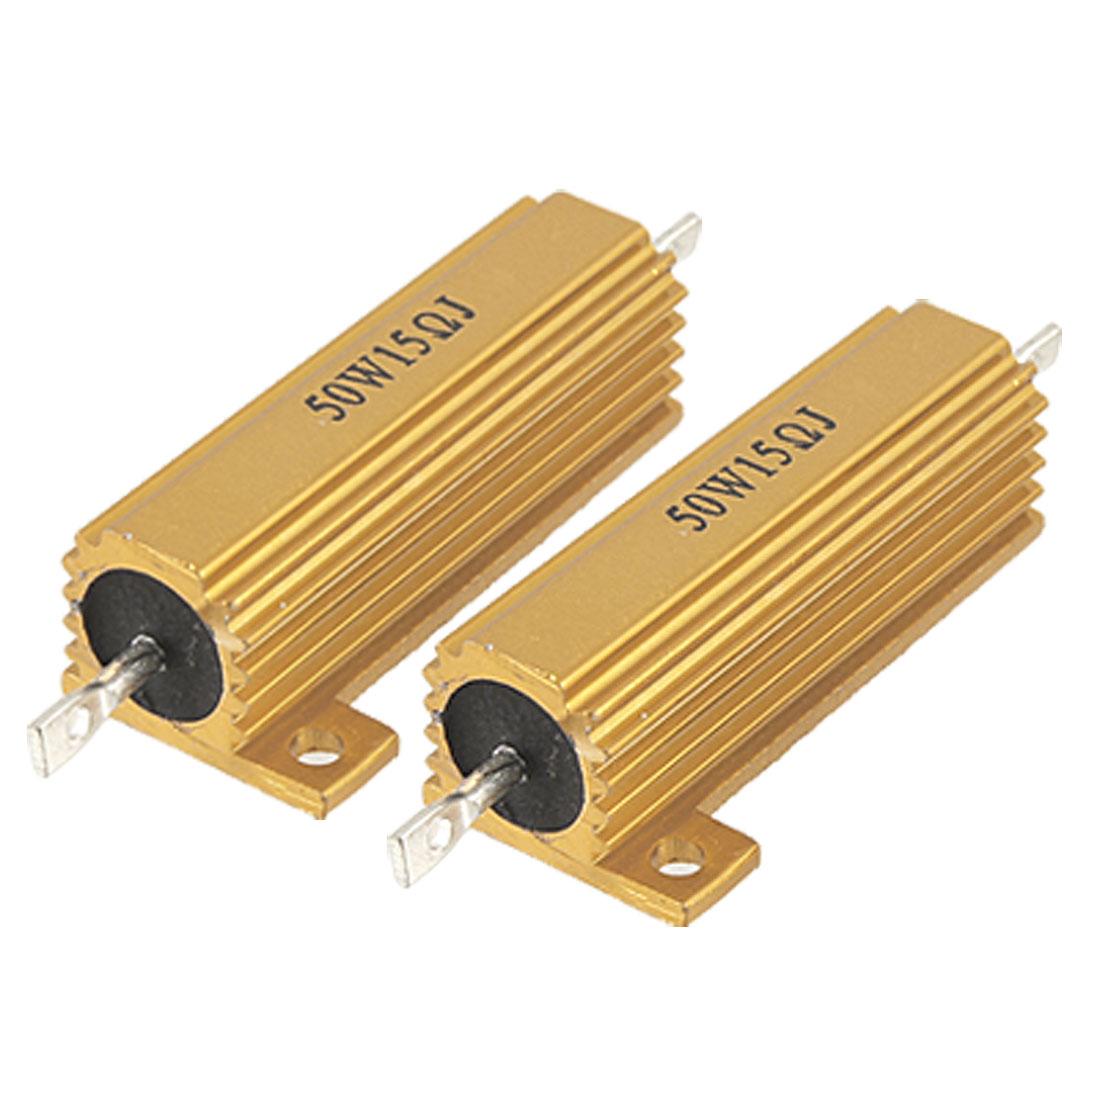 2 Pcs 50W Power 5% 15 Ohm Resistance Value Aluminum Case Resistors2